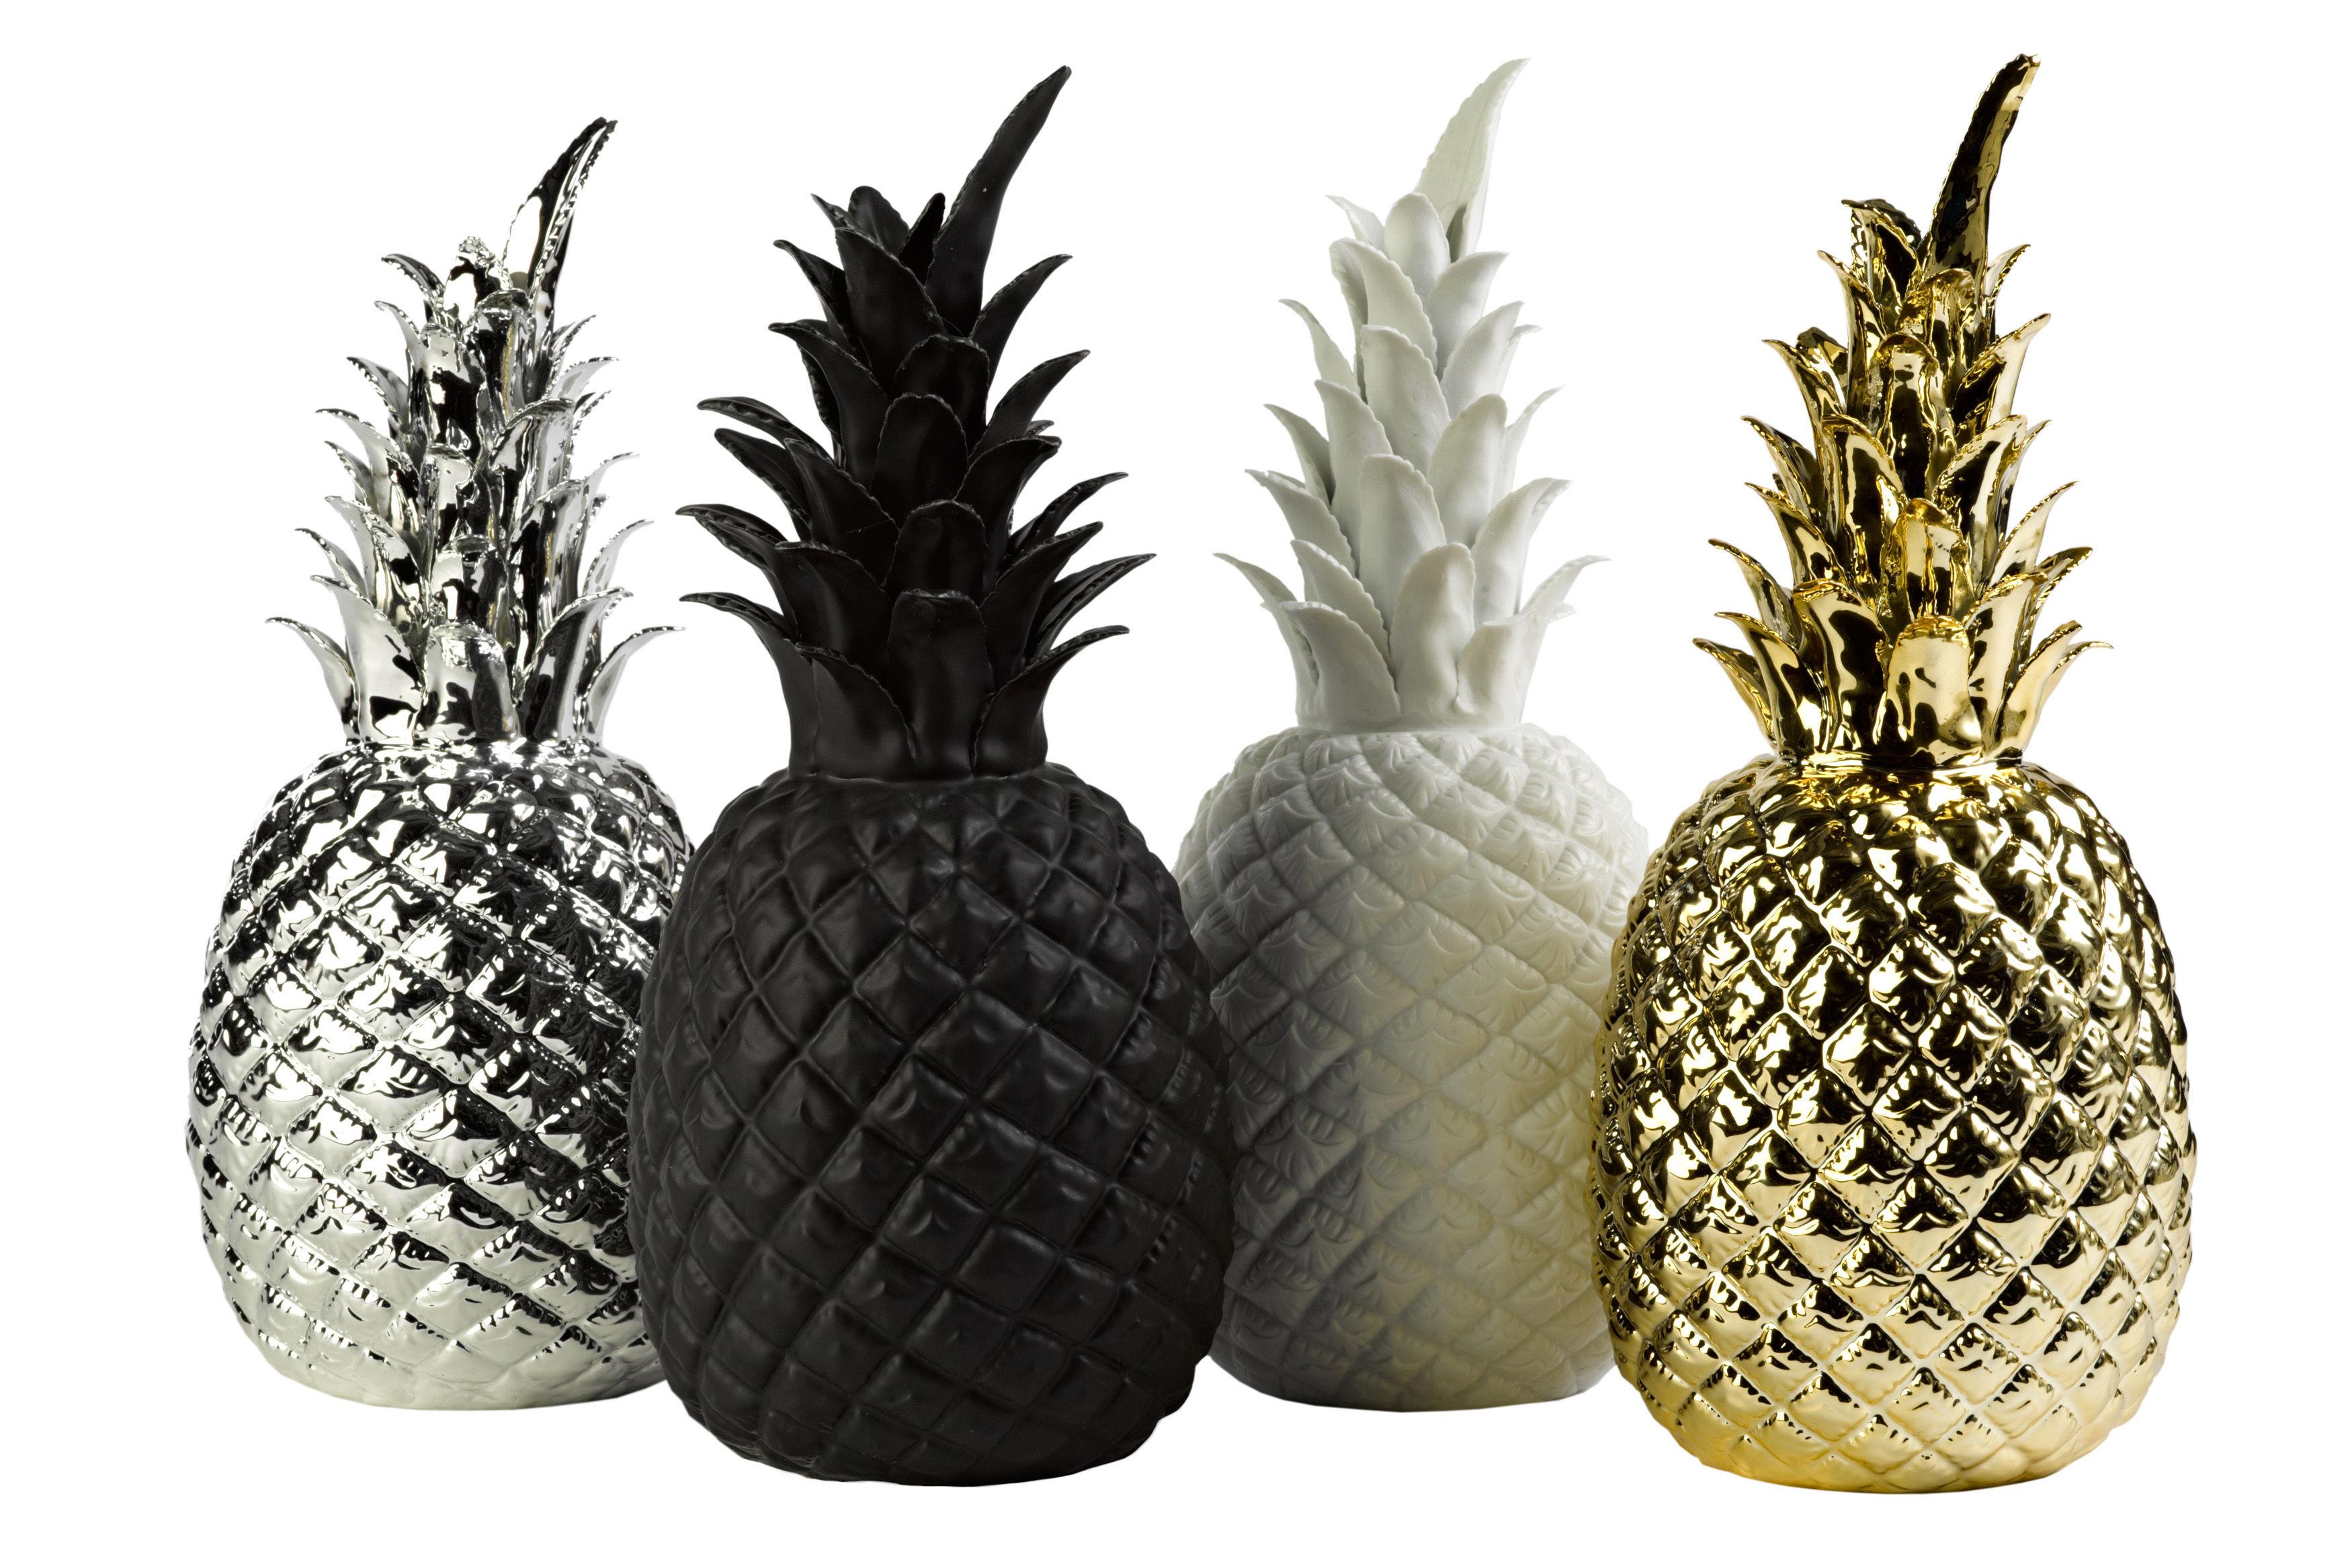 d coration pineapple small 14 x h 32 cm porcelaine noir pols potten. Black Bedroom Furniture Sets. Home Design Ideas